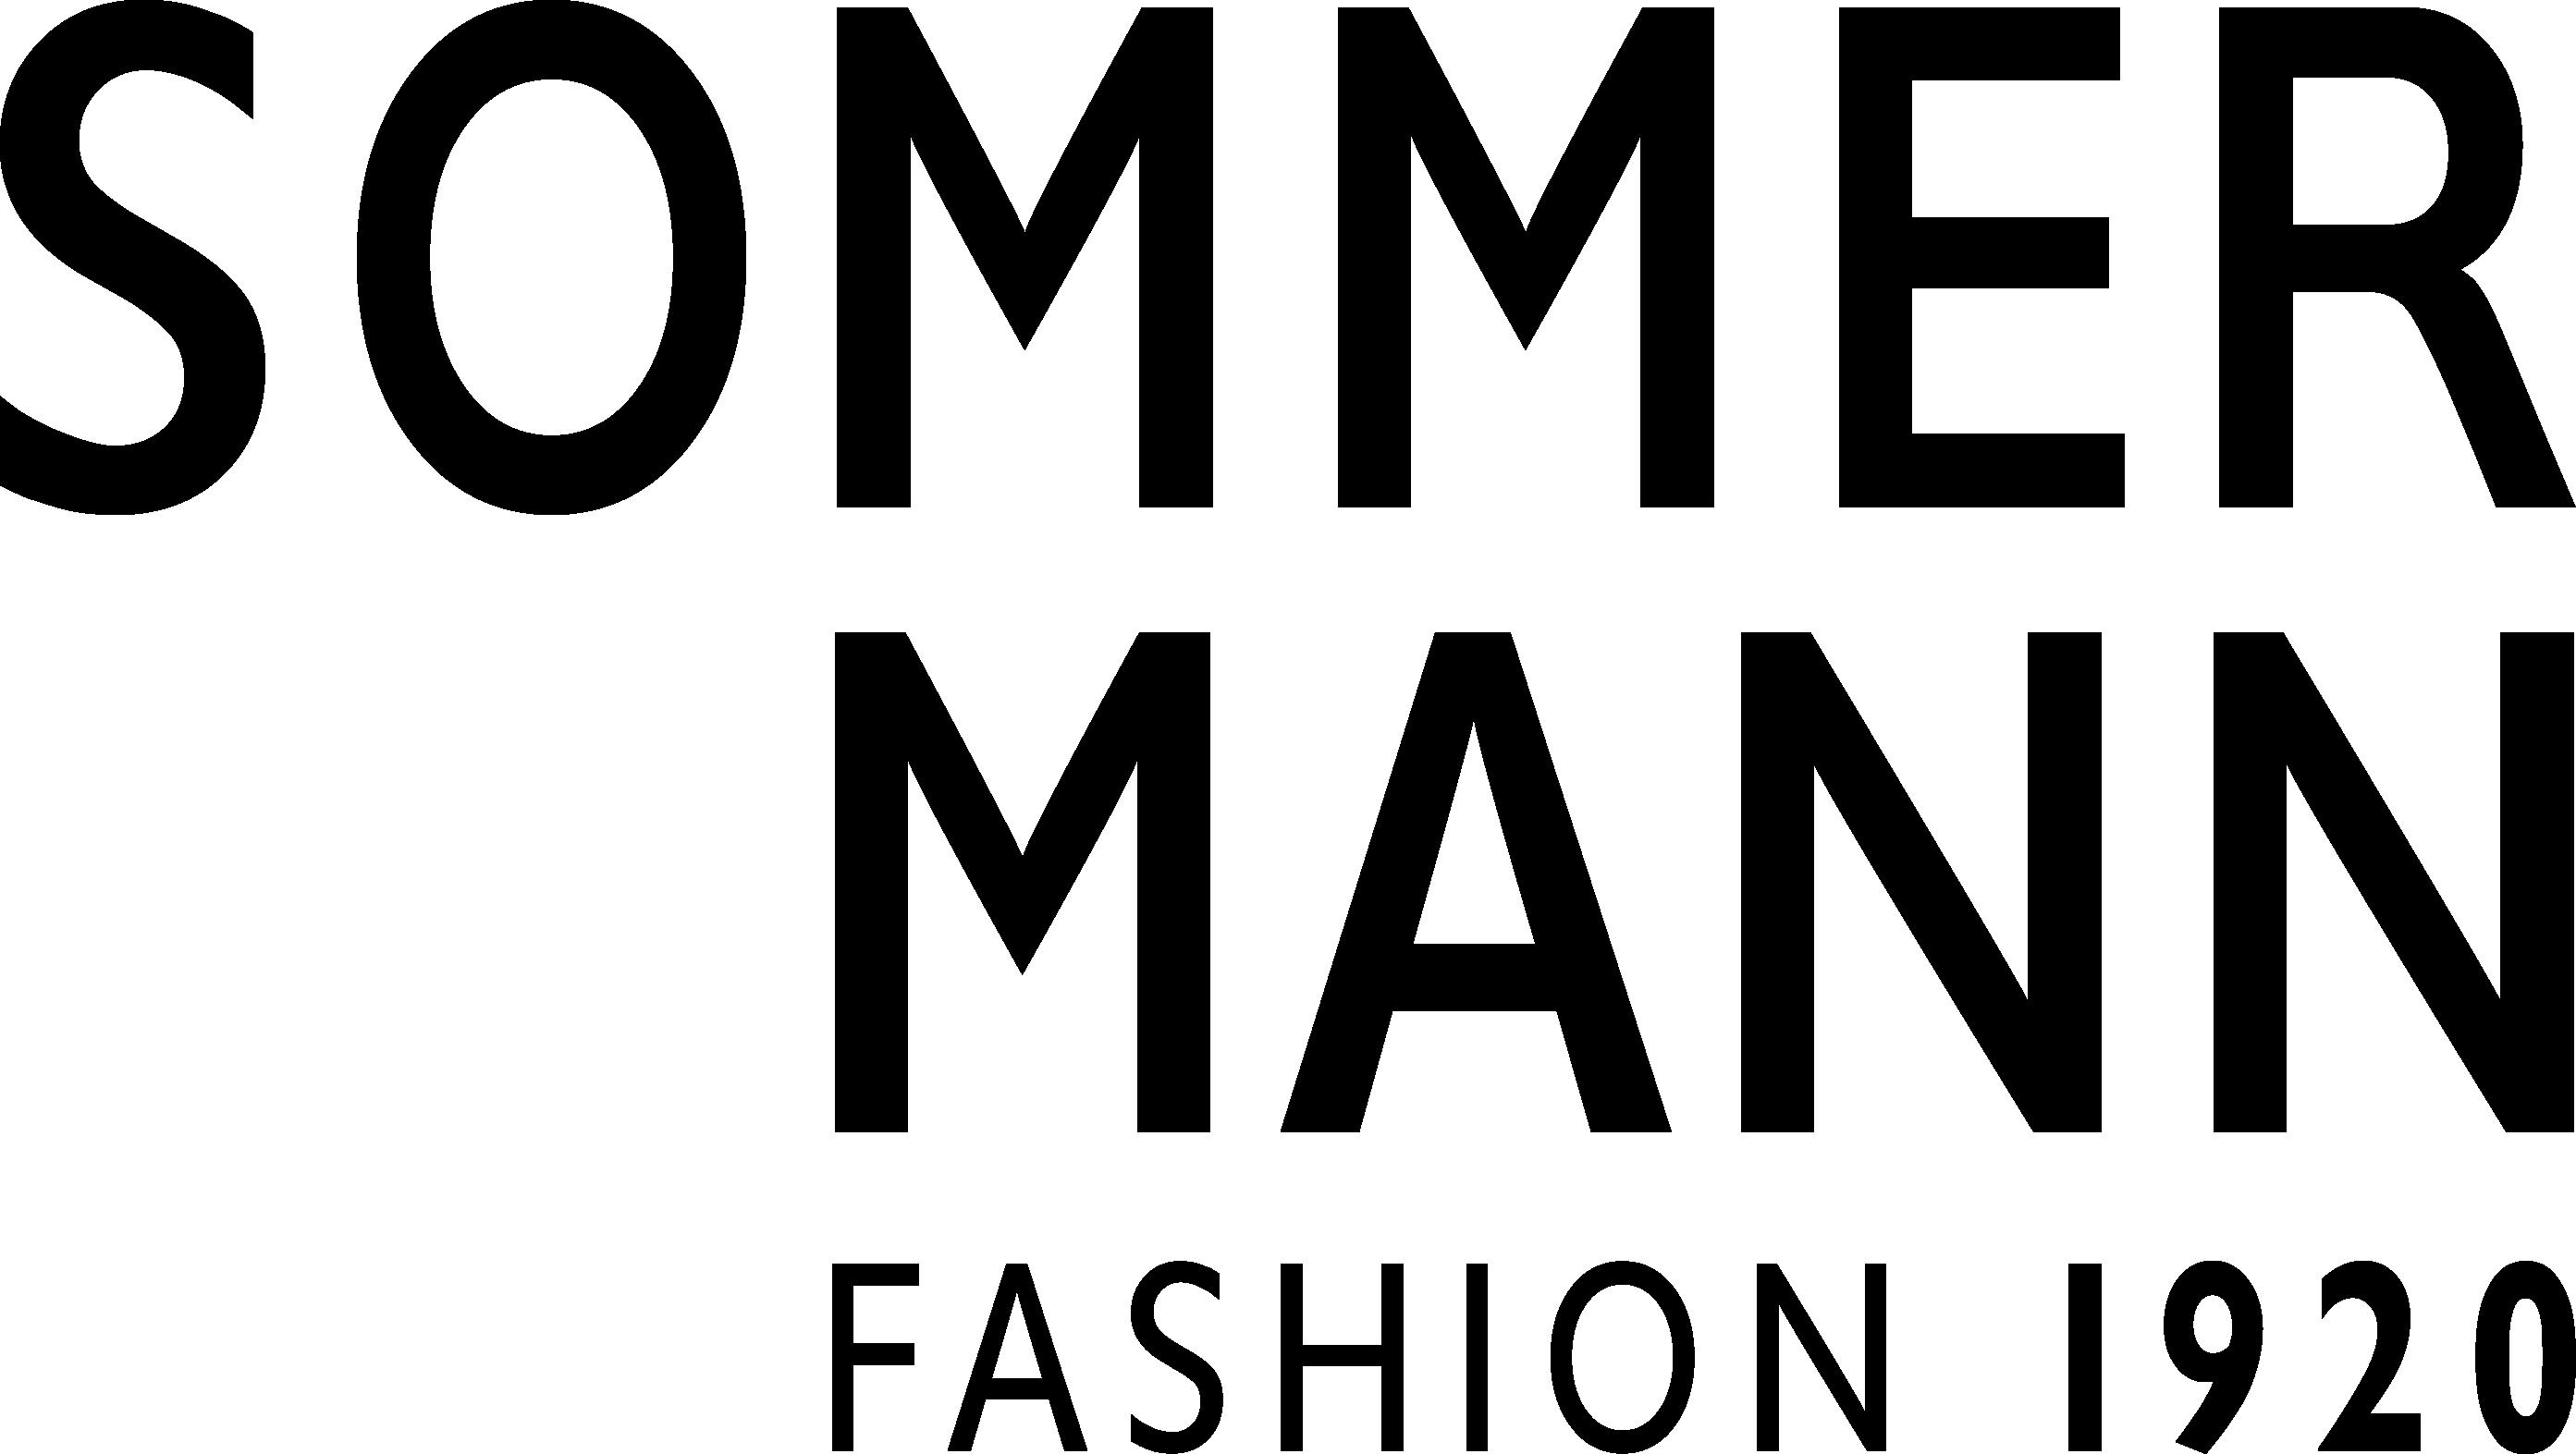 sommermann_logo_DA_20150811